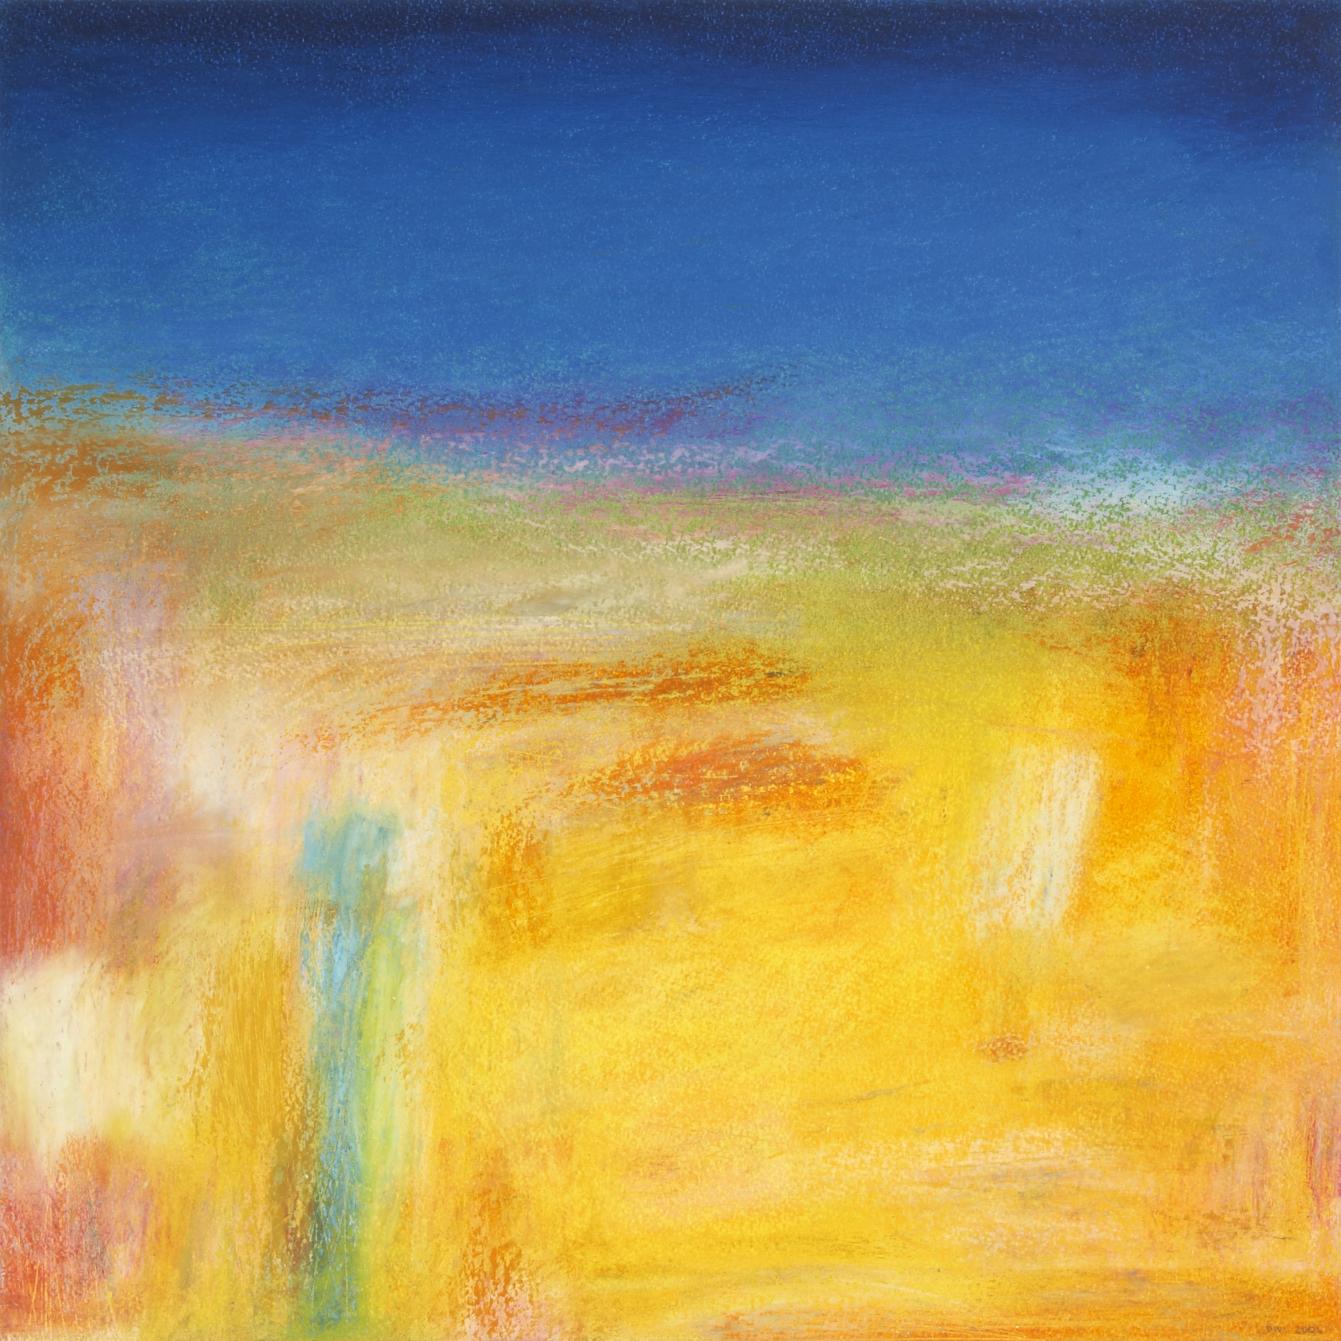 Dreamscape – Endless - Oil Pastel